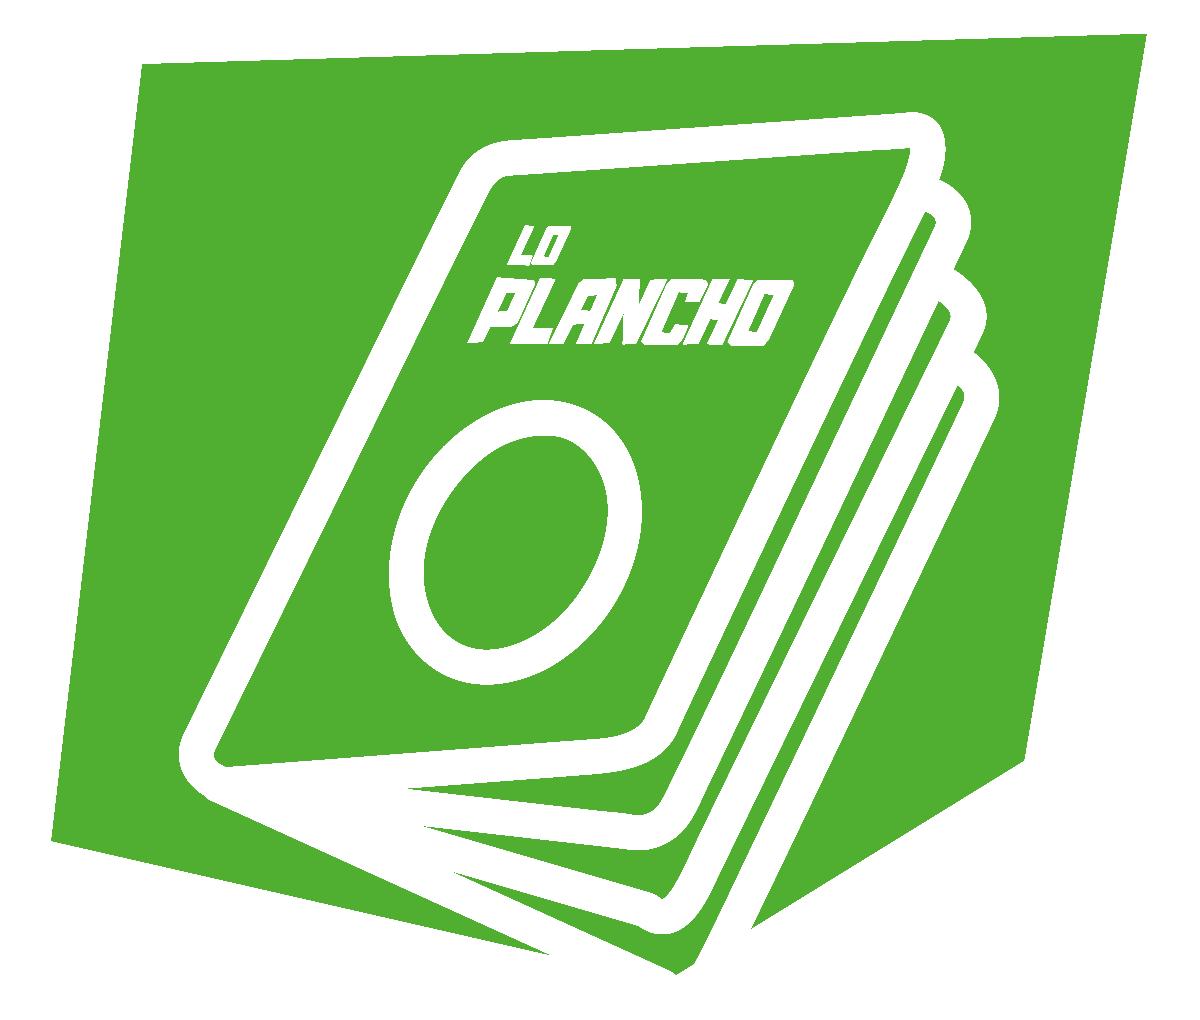 Lo Plancho – Le mini-journal gratuit